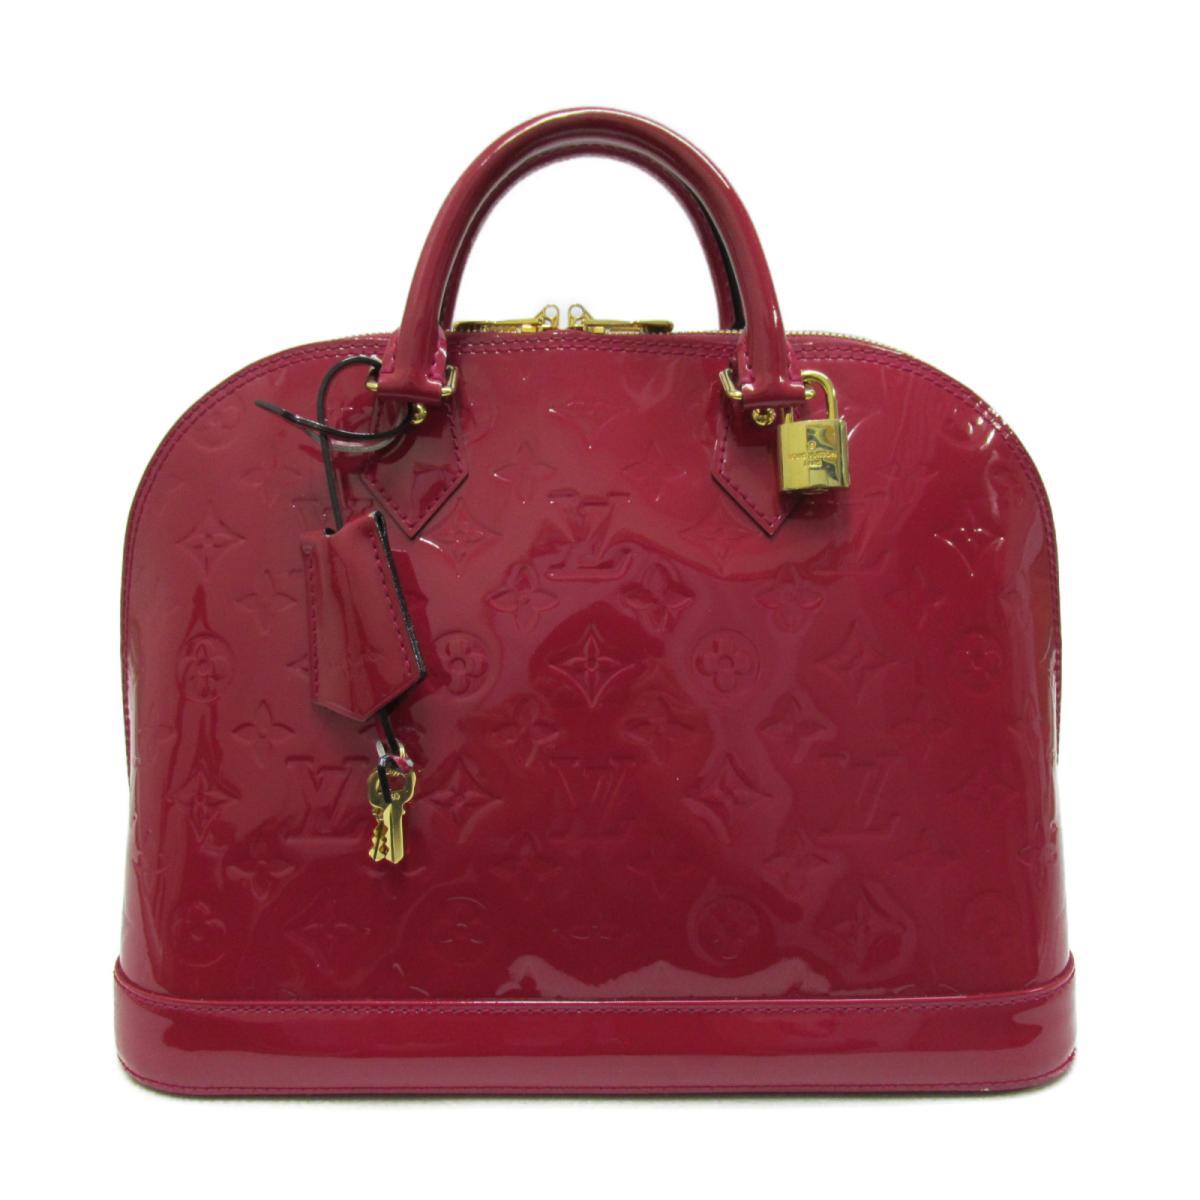 【中古】 ルイヴィトン アルマPM ハンドバッグ レディース ヴェルニ ローズアンディアン (M91770)   LOUIS VUITTON ヴィトン ビトン ルイ・ヴィトン ハンドバック バッグ バック BAG カバン 鞄 ブランドバッグ ブランドバック 美品 ブランドオフ